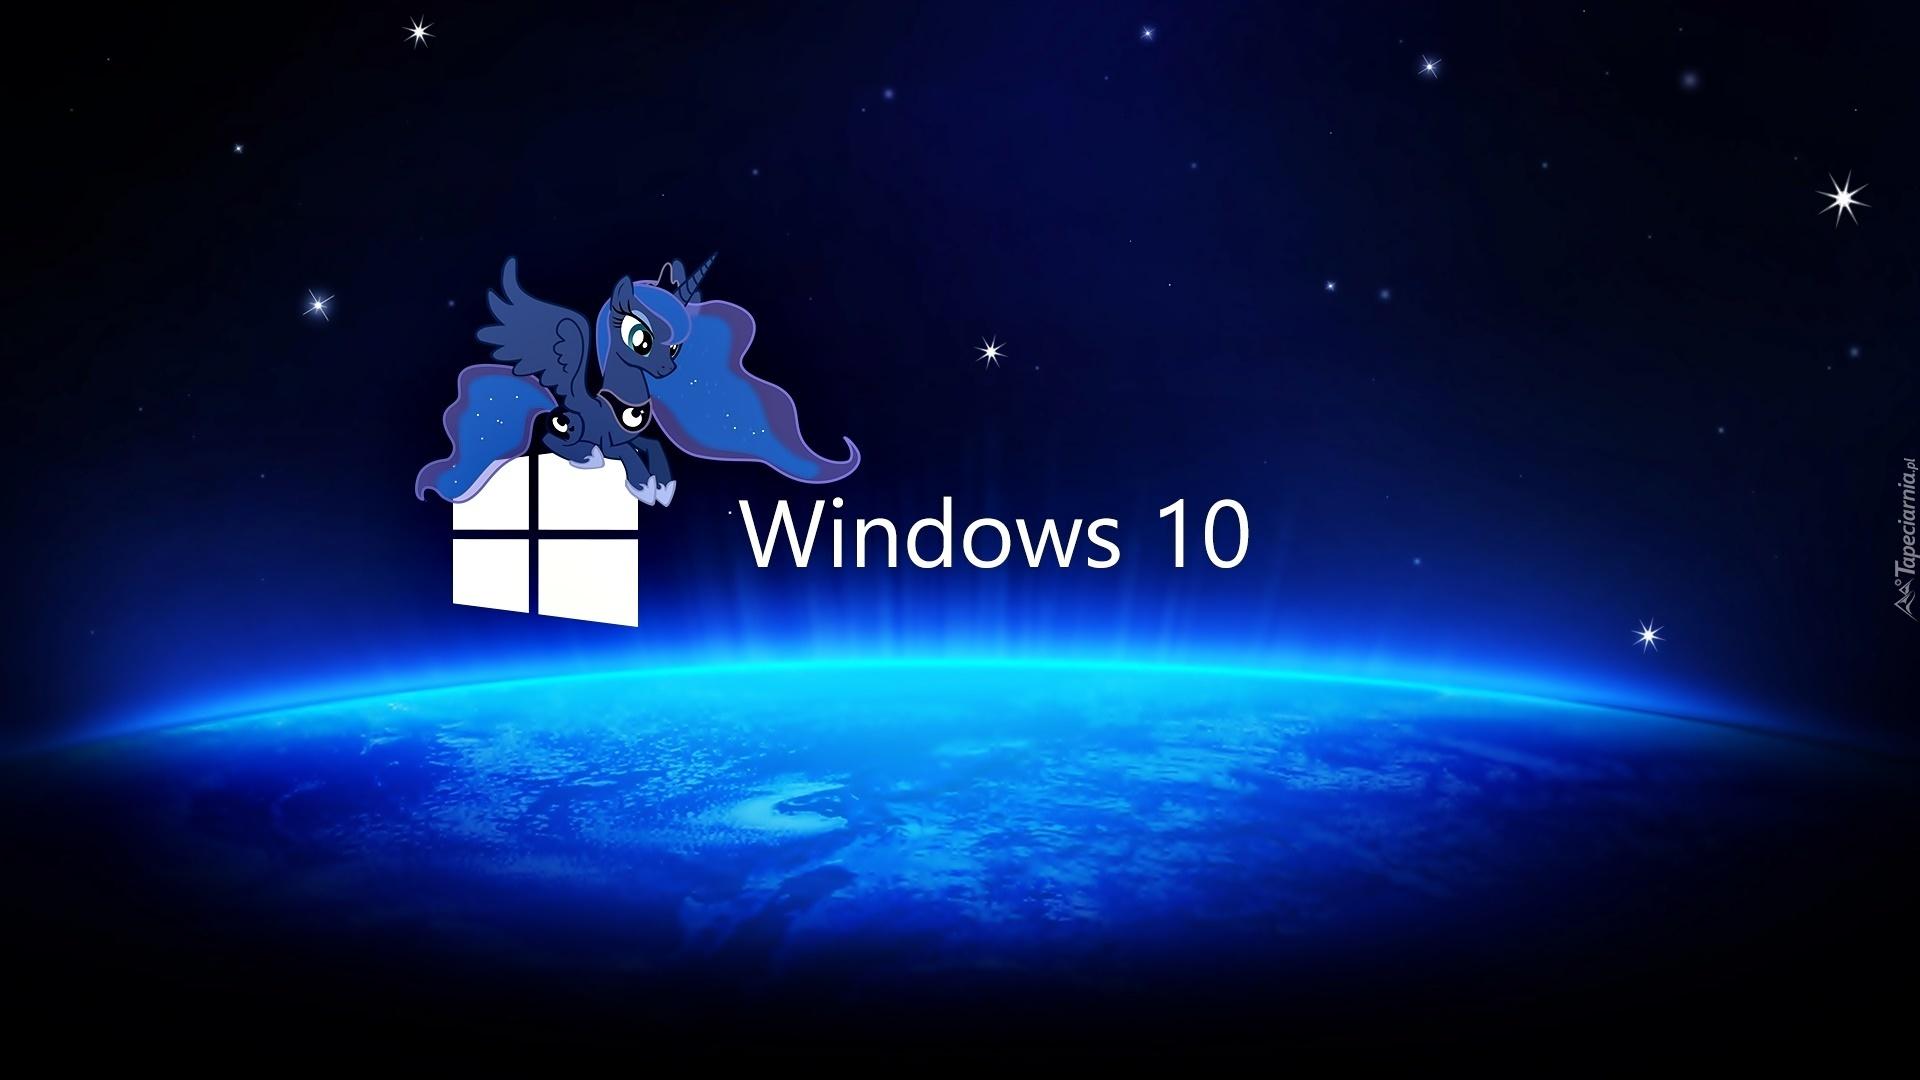 Скачать Аниме игры на компьютер через торрент бесплатно